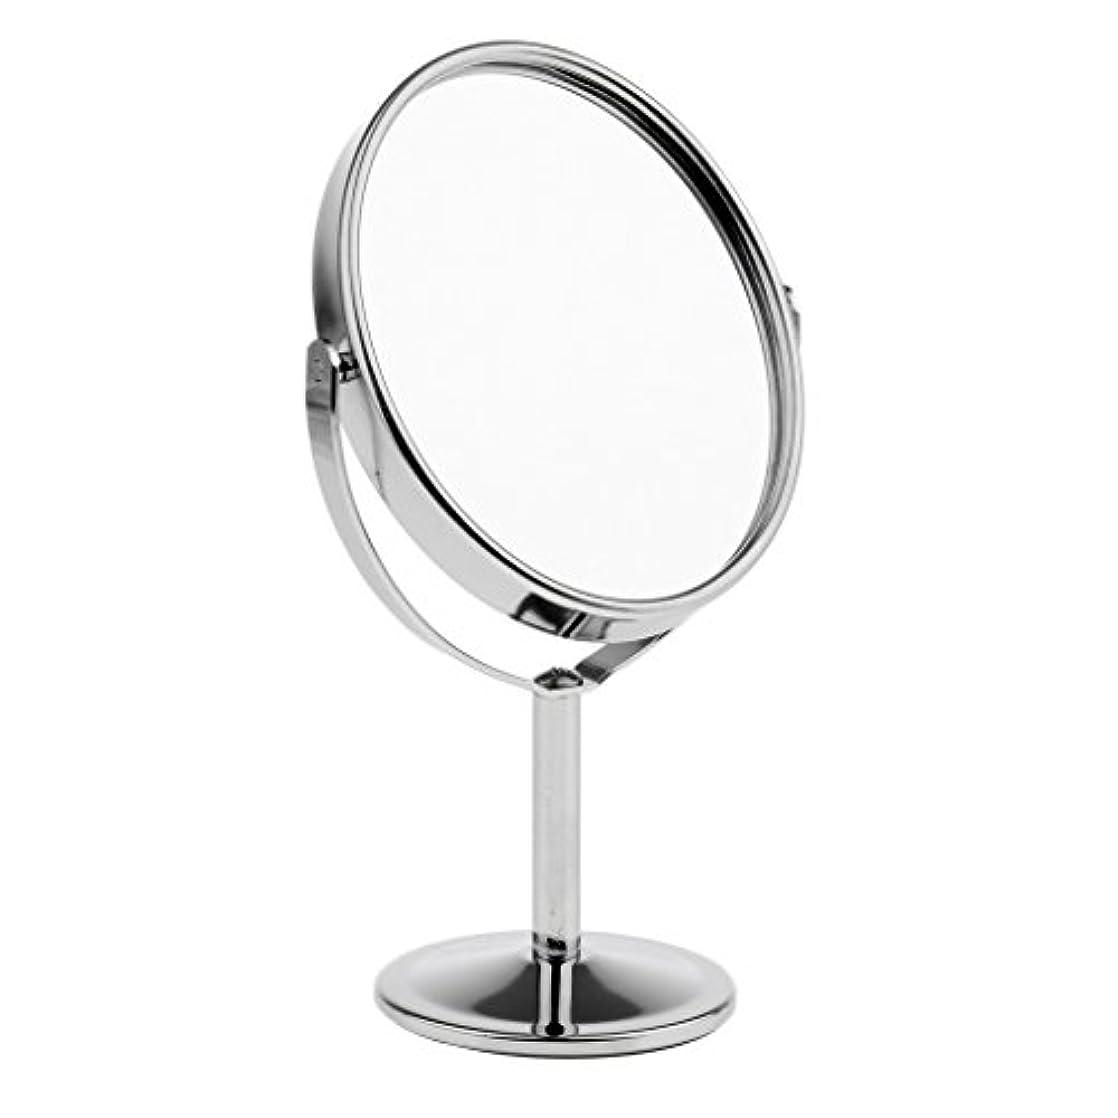 村ブロッサム教育FutuHome ミニレディーガール美容メイクアップ卓上ミラー化粧品デュアルサイドノーマル+拡大鏡スタンドミラー6インチ高さ - 銀